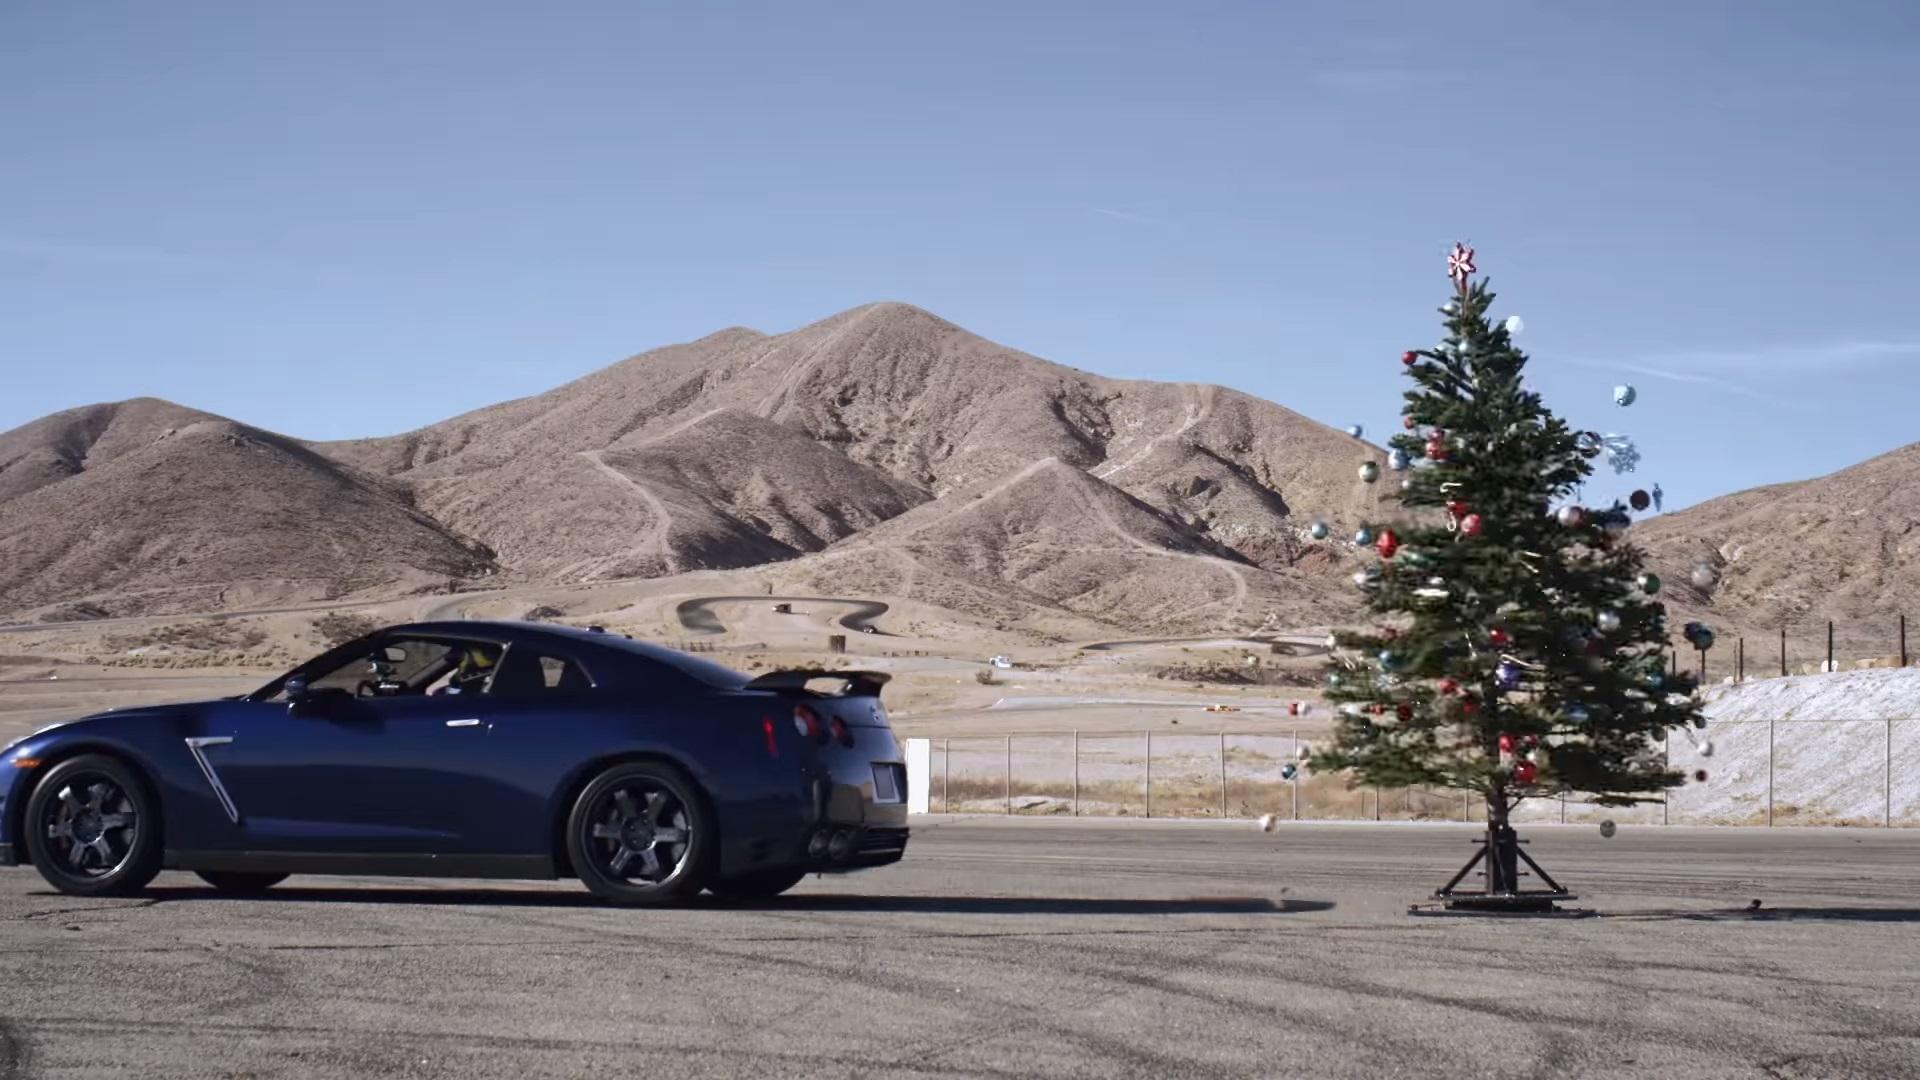 Nissan GT-R arbol de Navidad